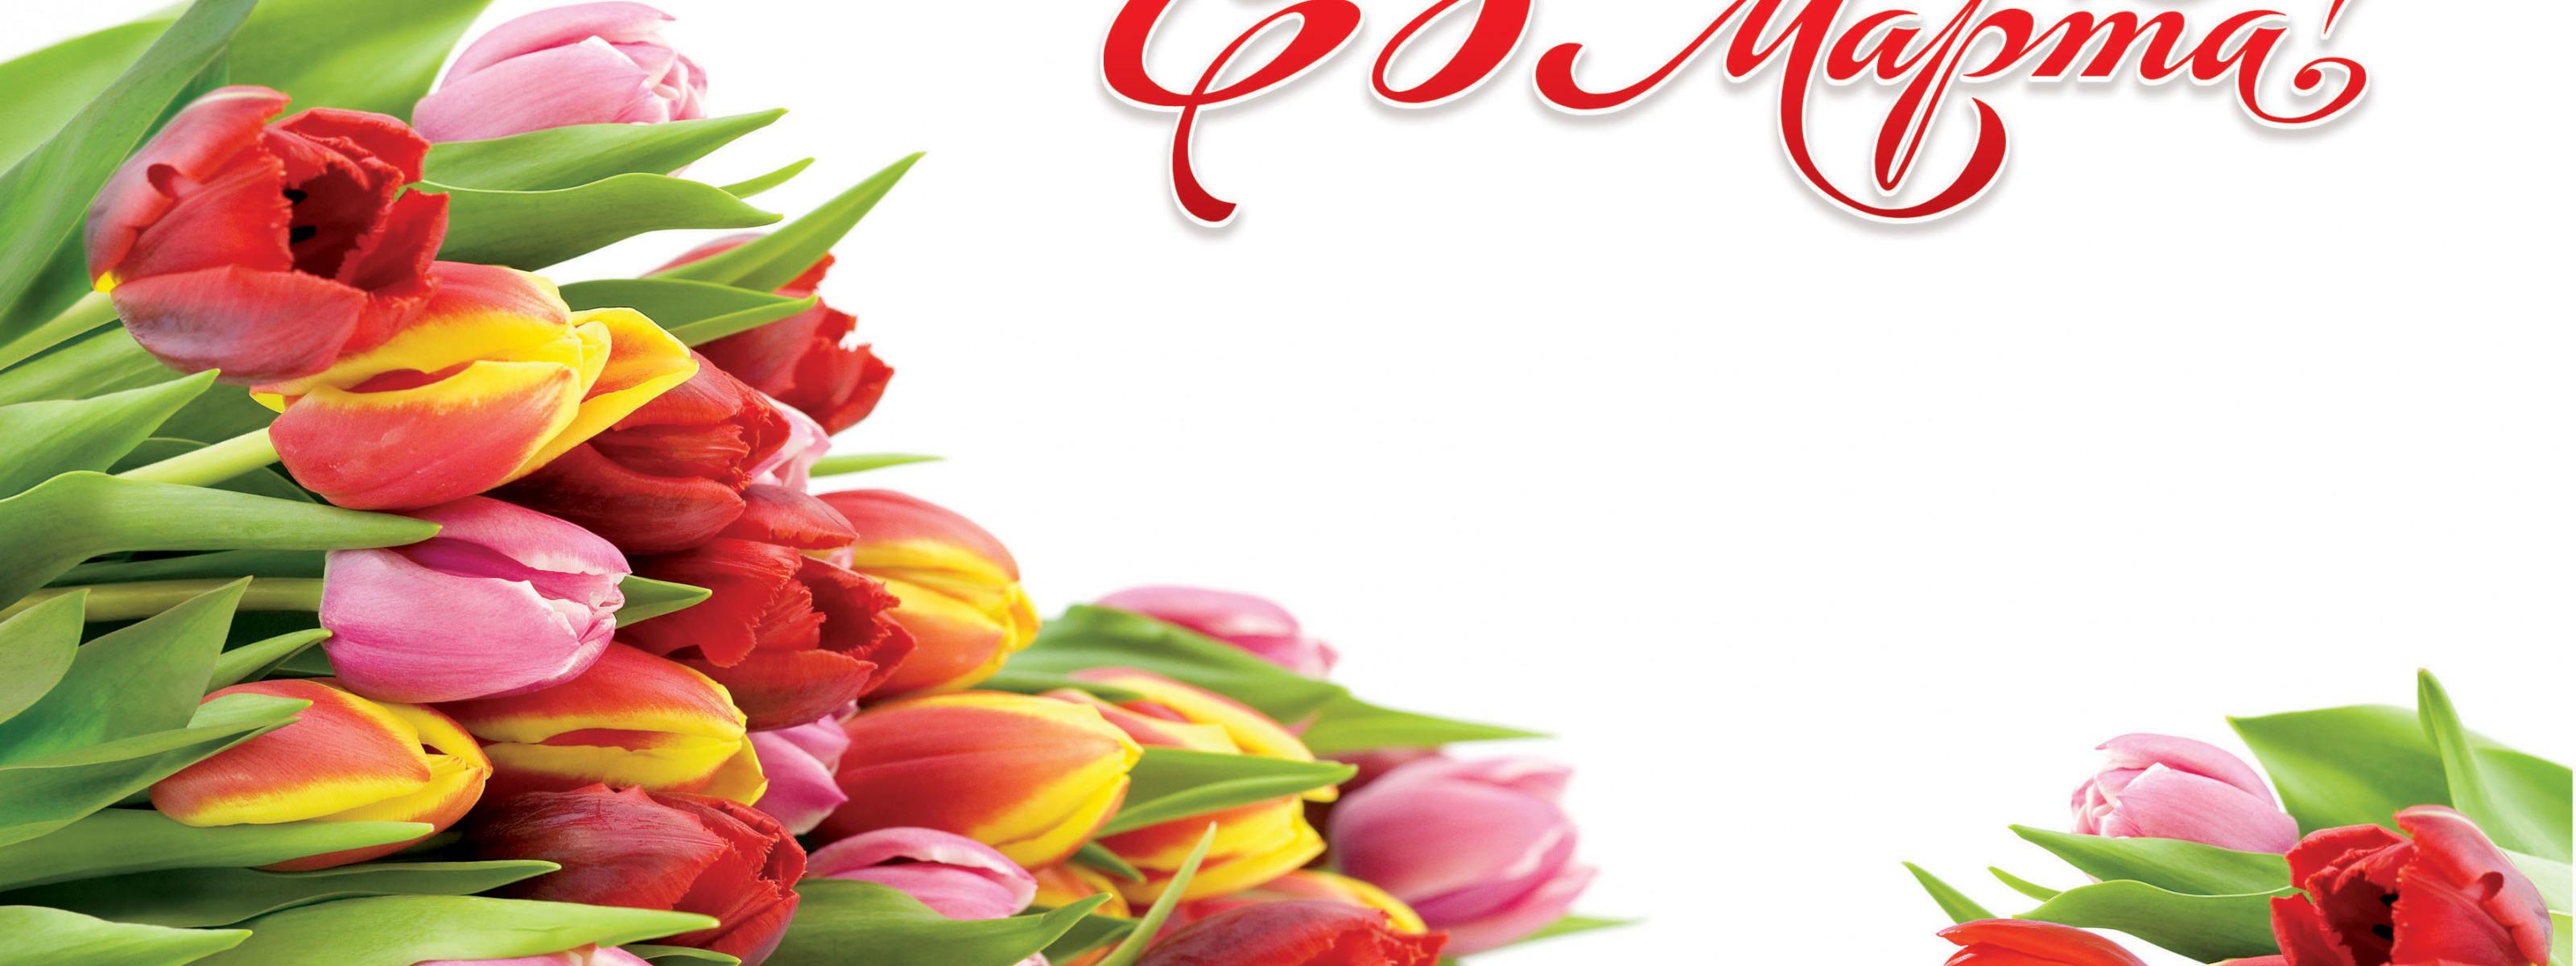 Вам, фон для открытки на 8 марта для мамы